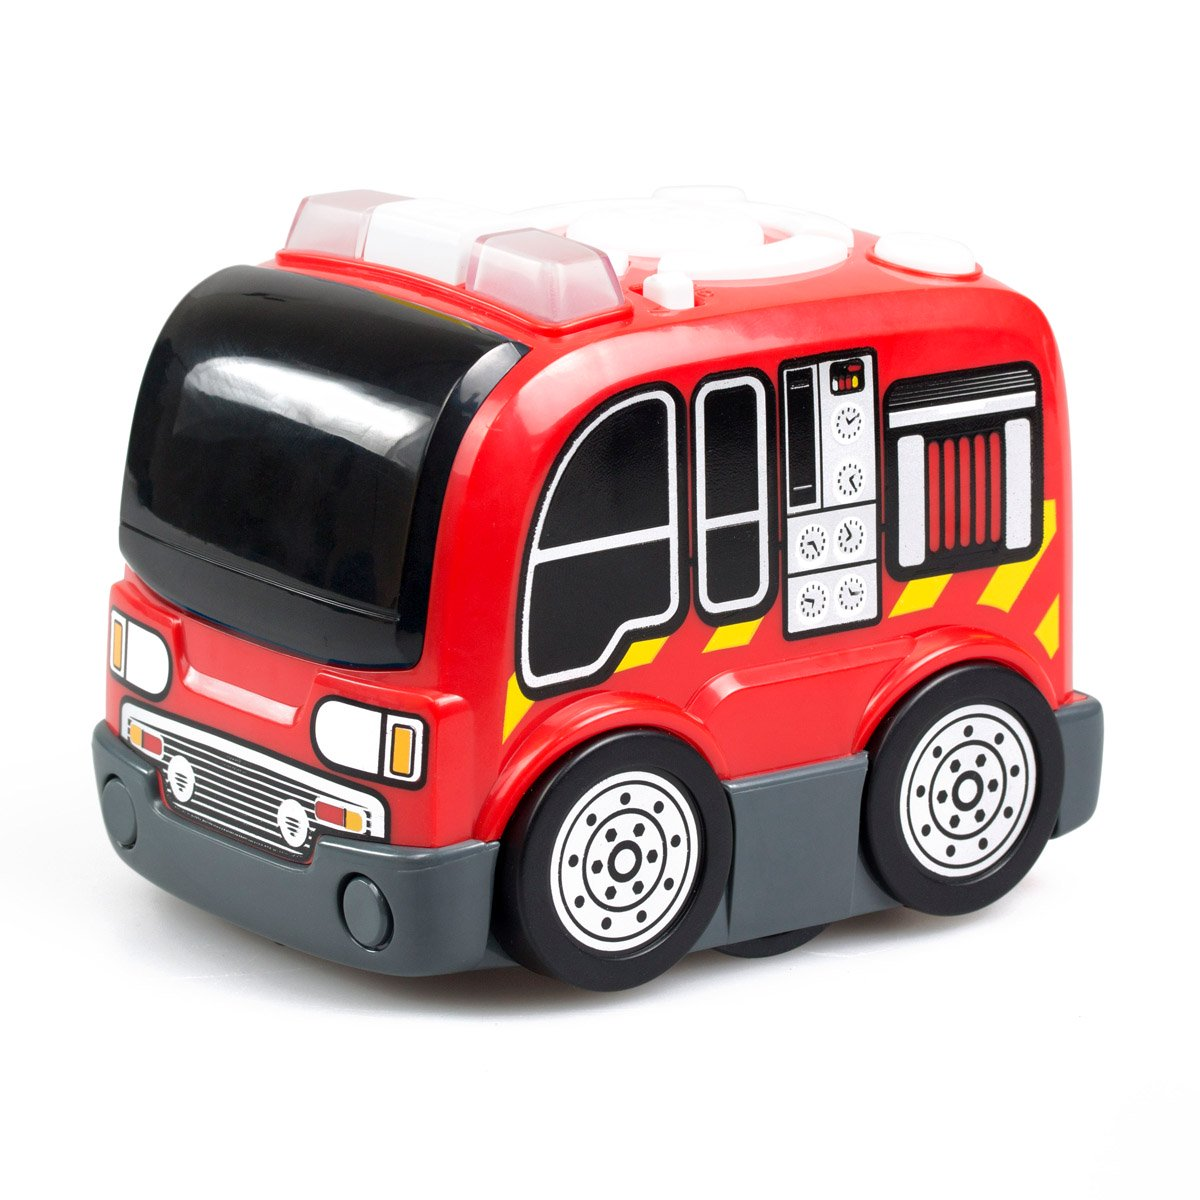 Купить Tooko Программируемая пожарная машина, Китай